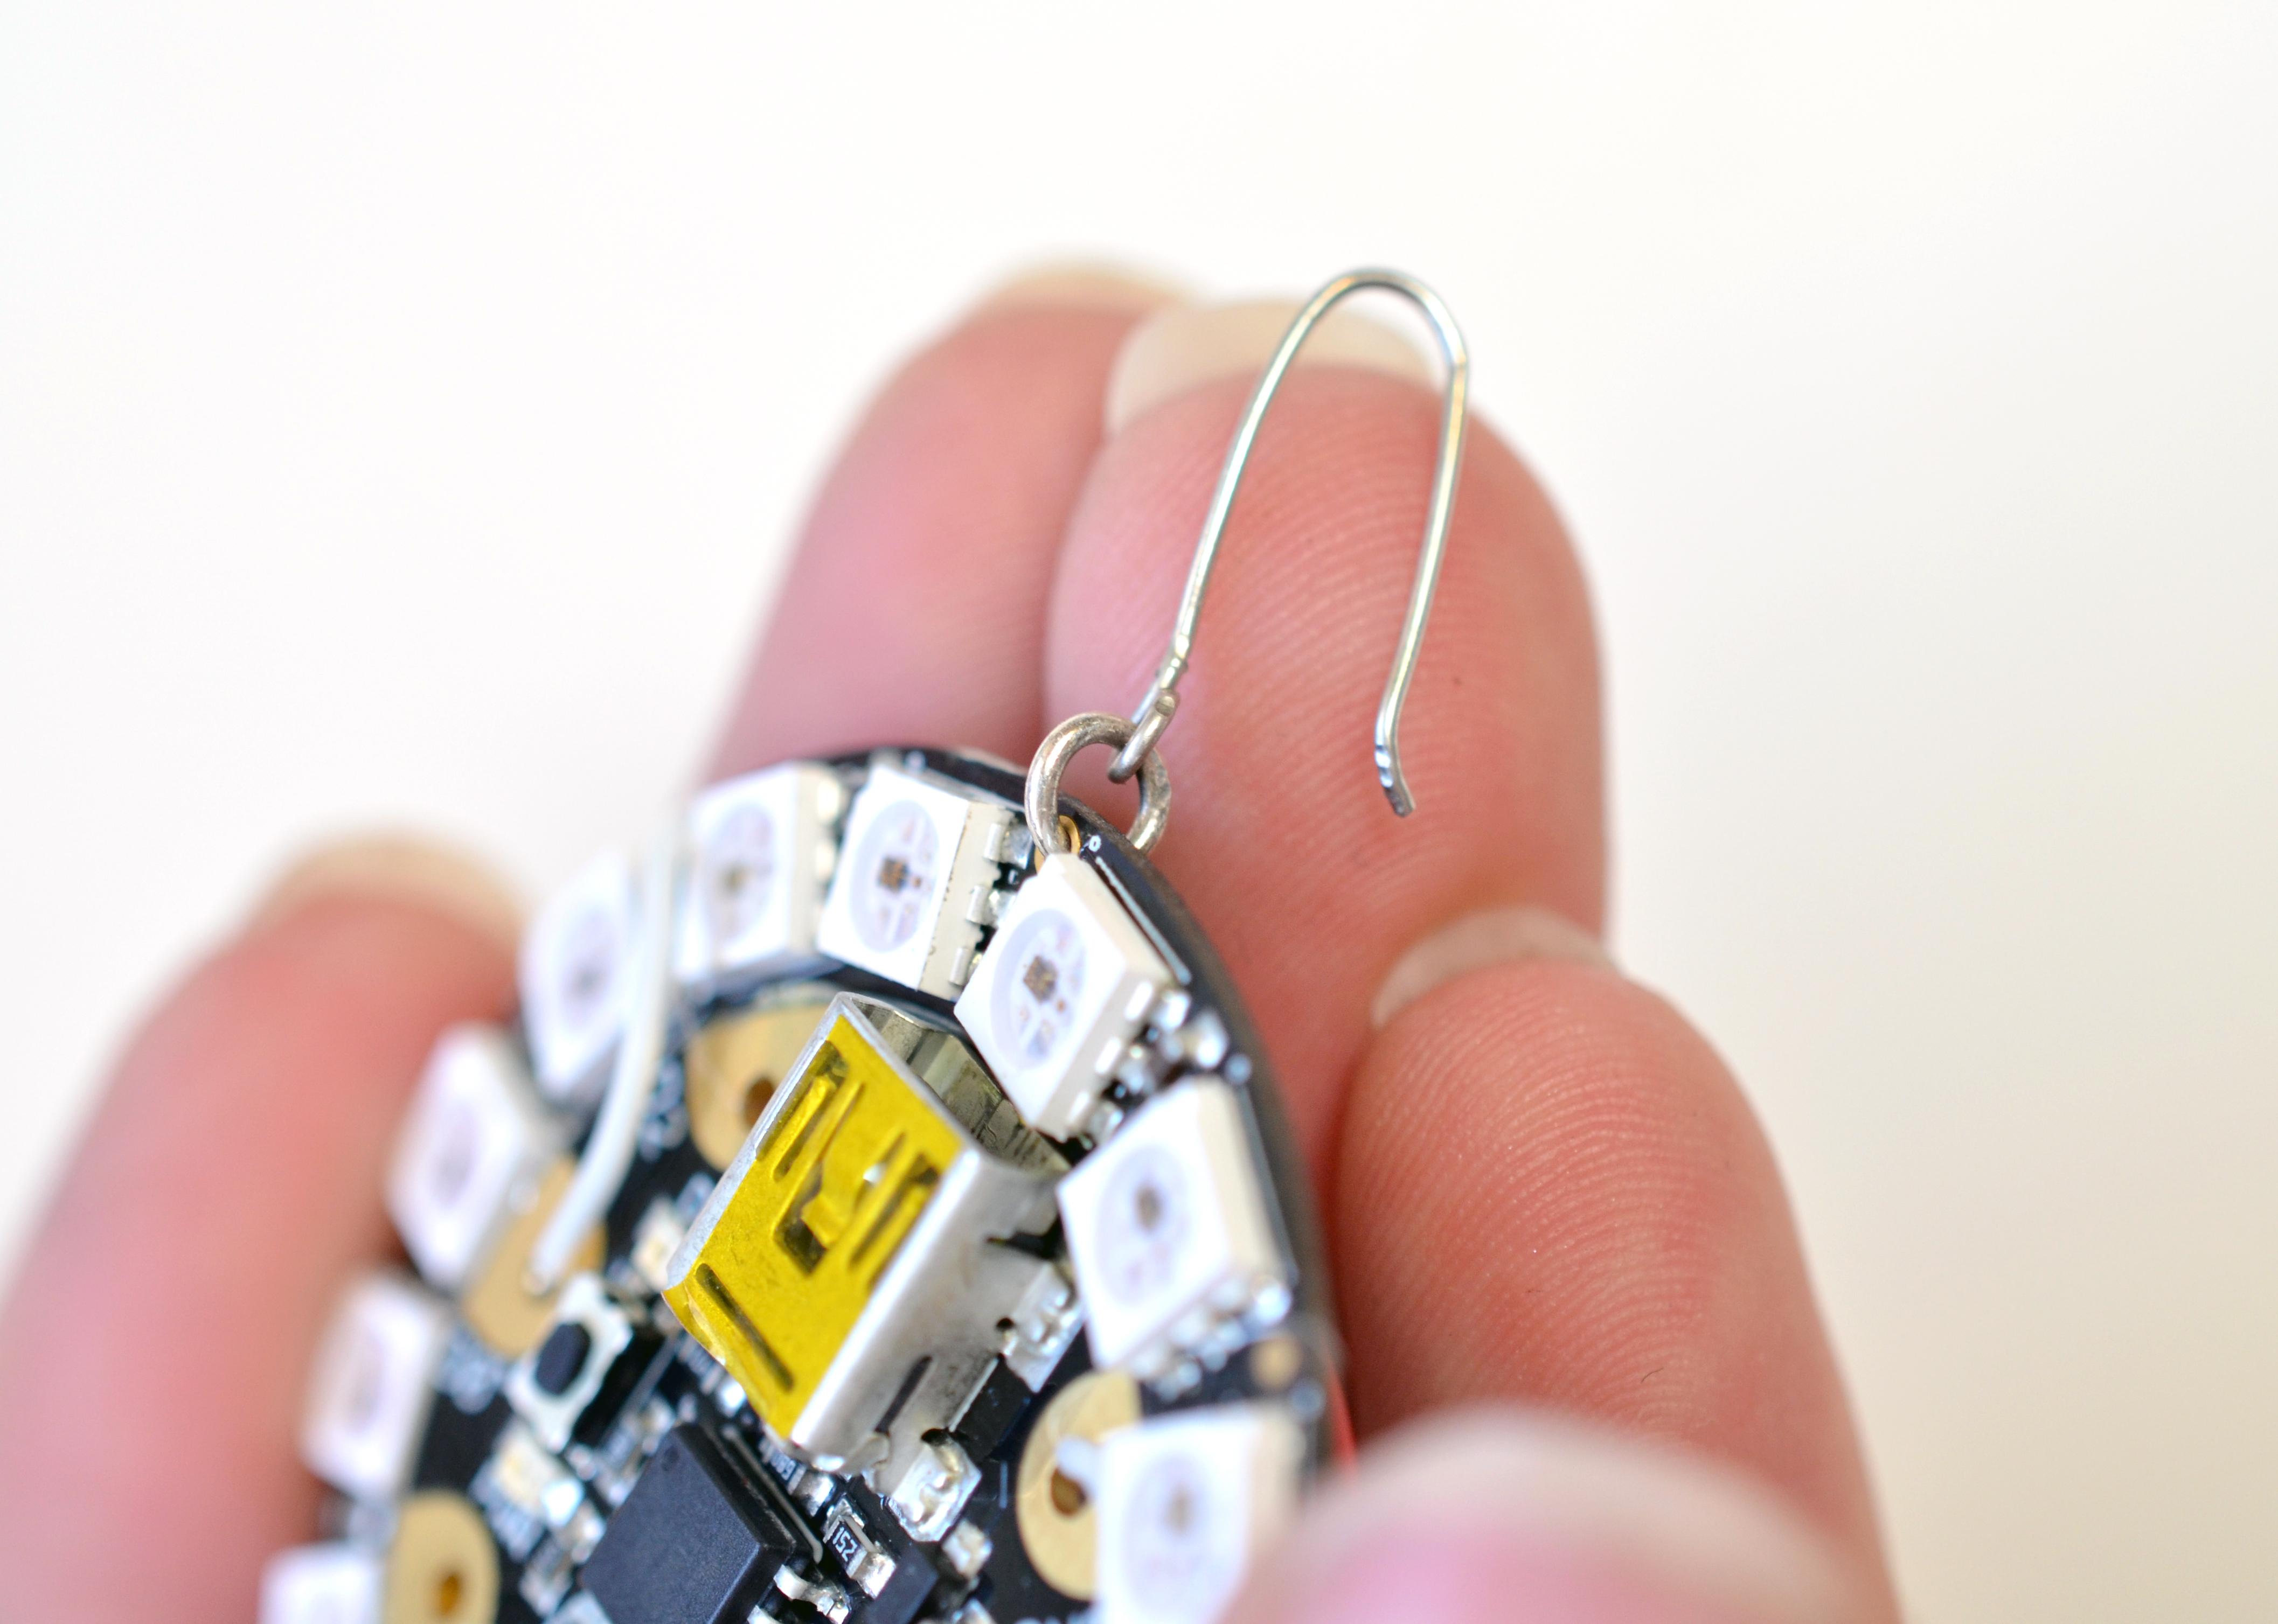 flora_gemma-earrings-adafruit-13.jpg